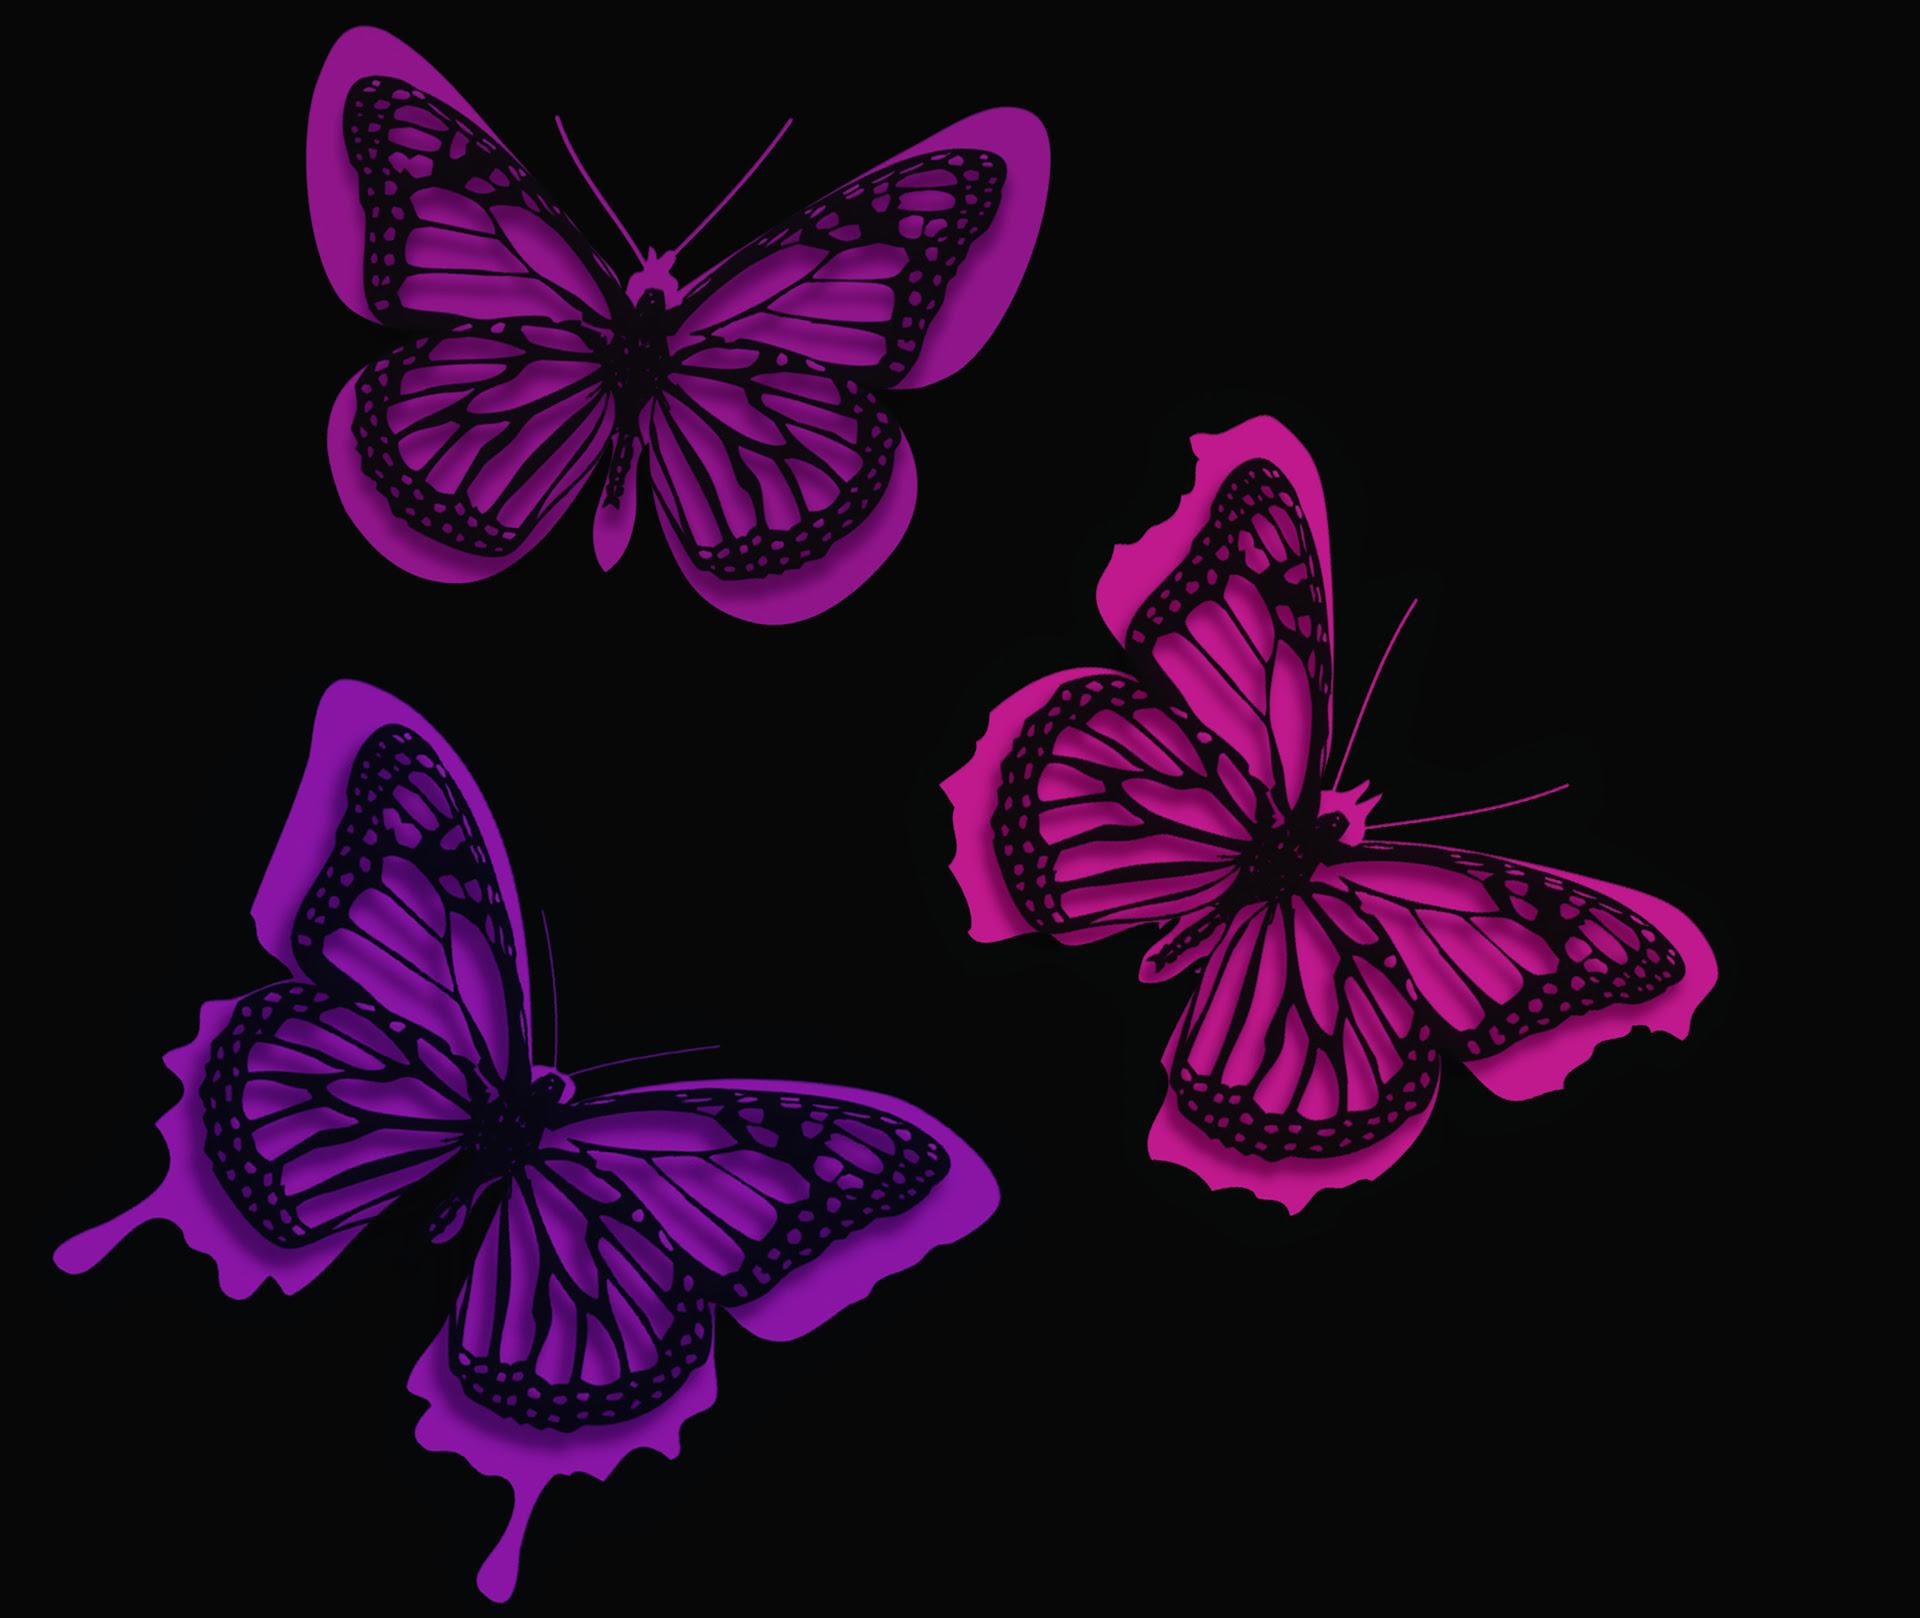 Pink Butterflies Artistic, HD Artist, 4k Wallpapers ...